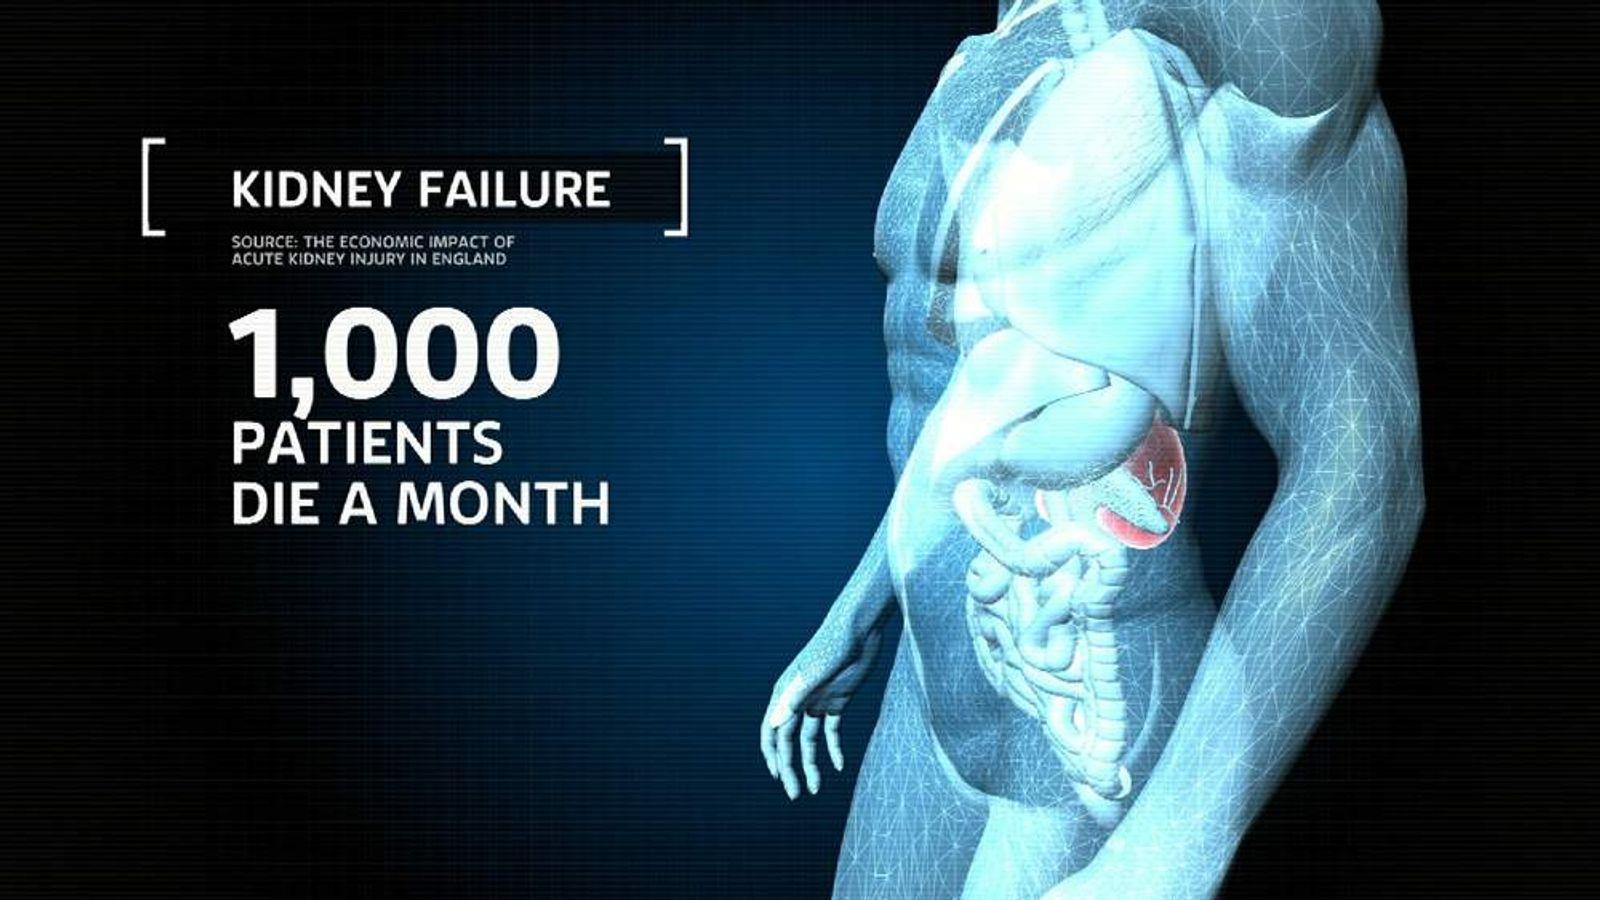 Kidney failure